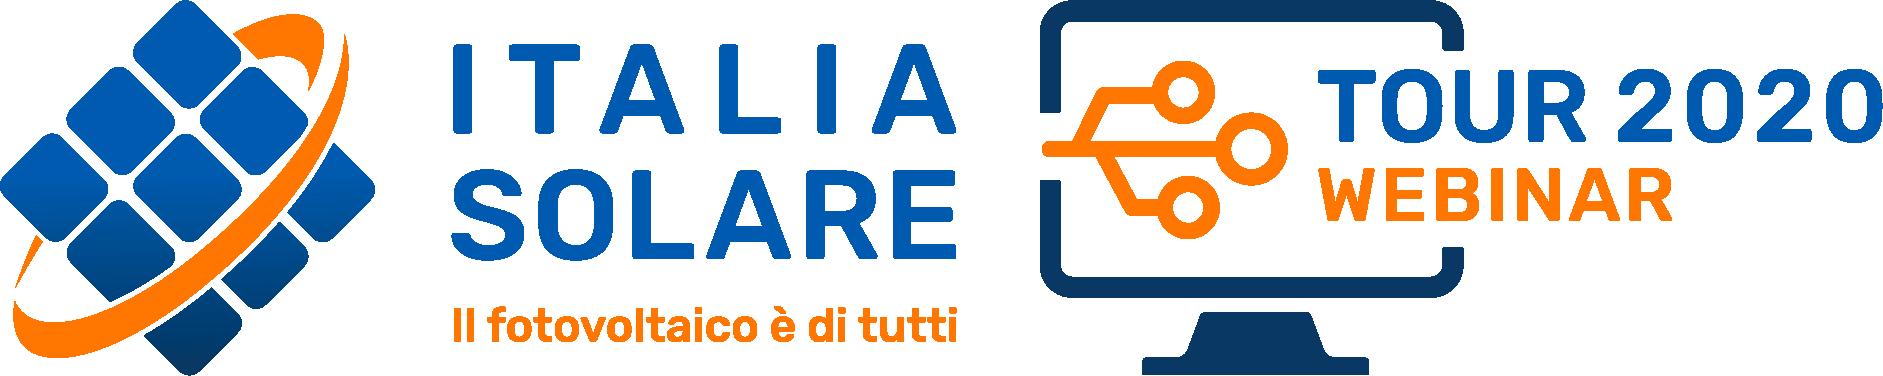 Italia Solare Tour 2020